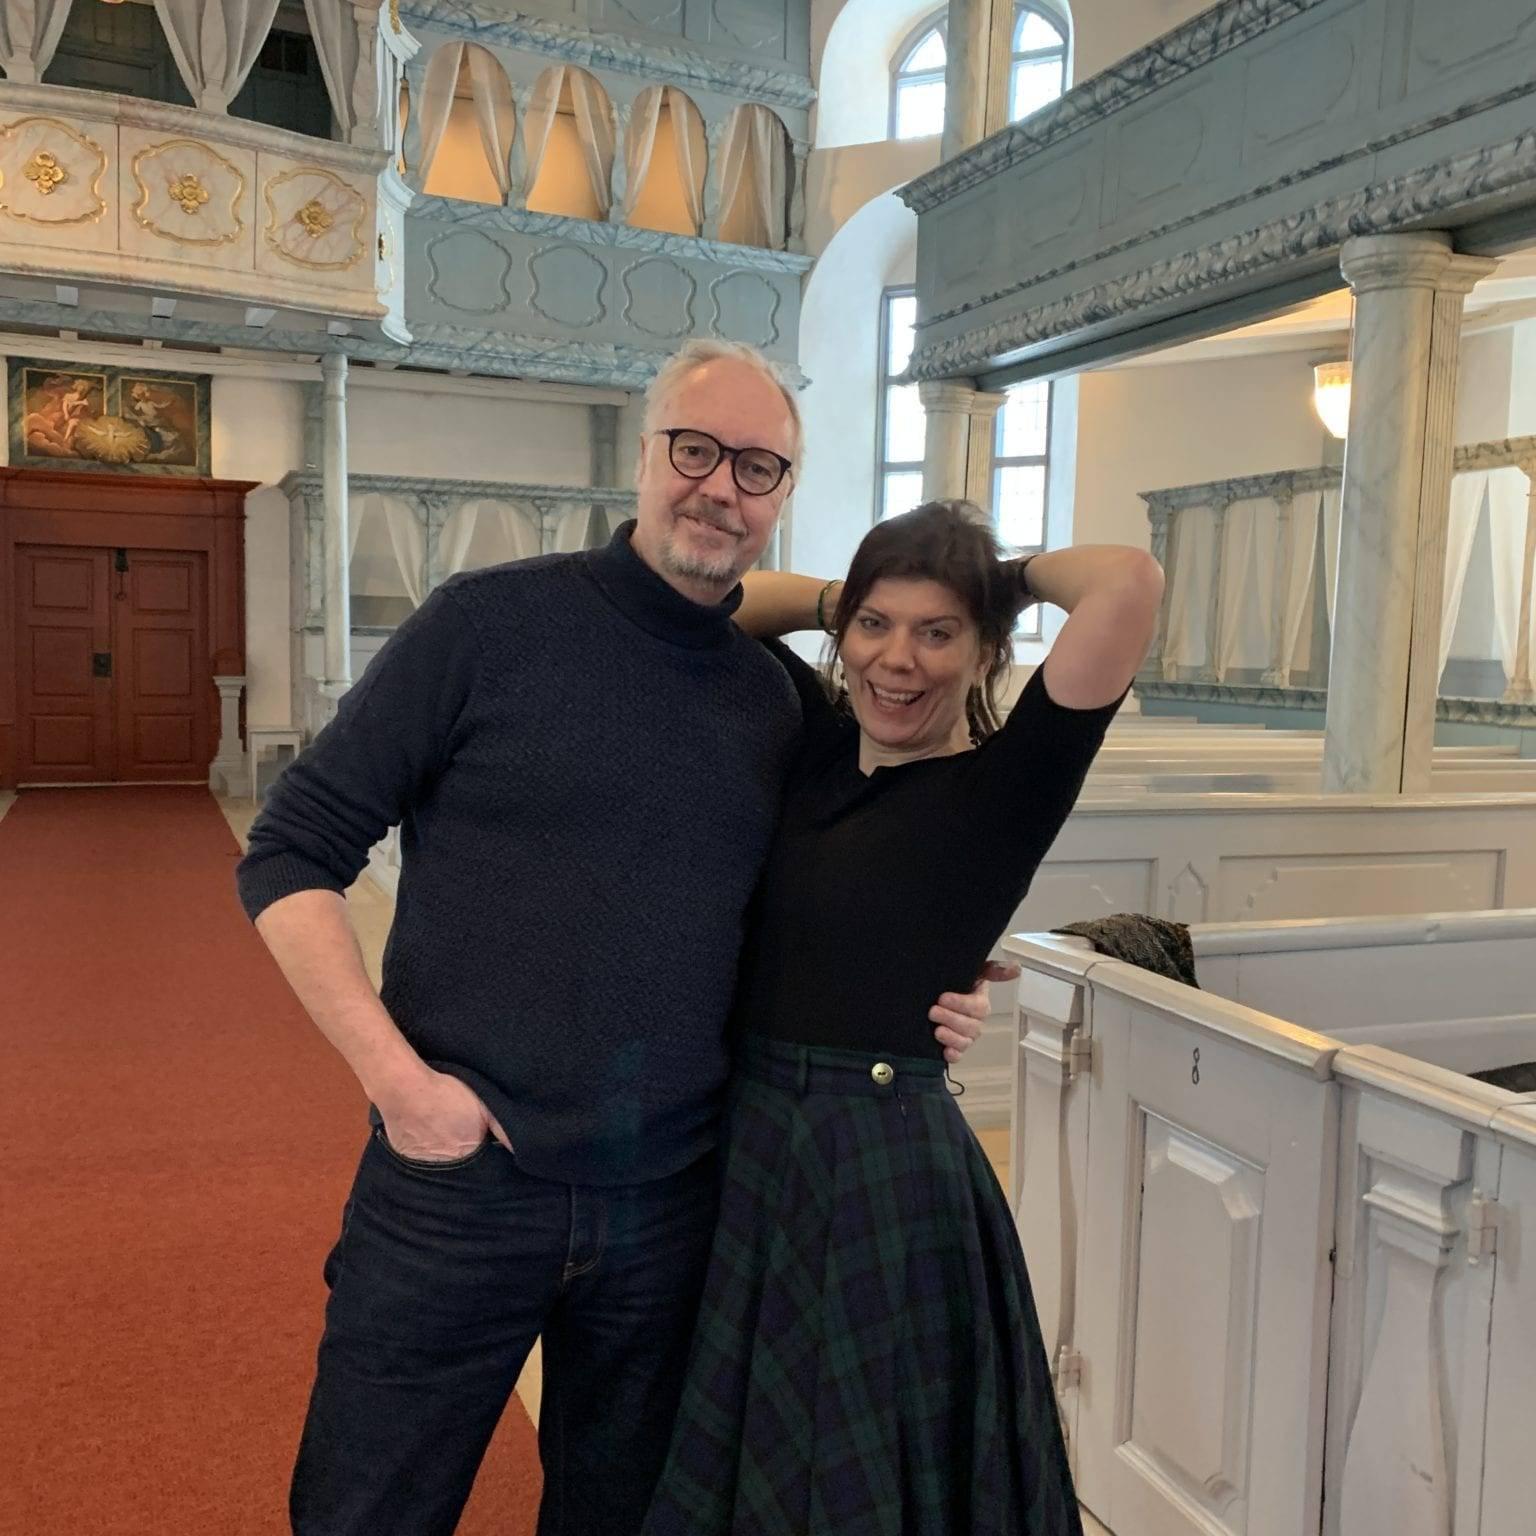 Lars Arvidson og Maria Forsström kler rollene som Kølfogden og An-Magritt. Foto: Linda Herud.